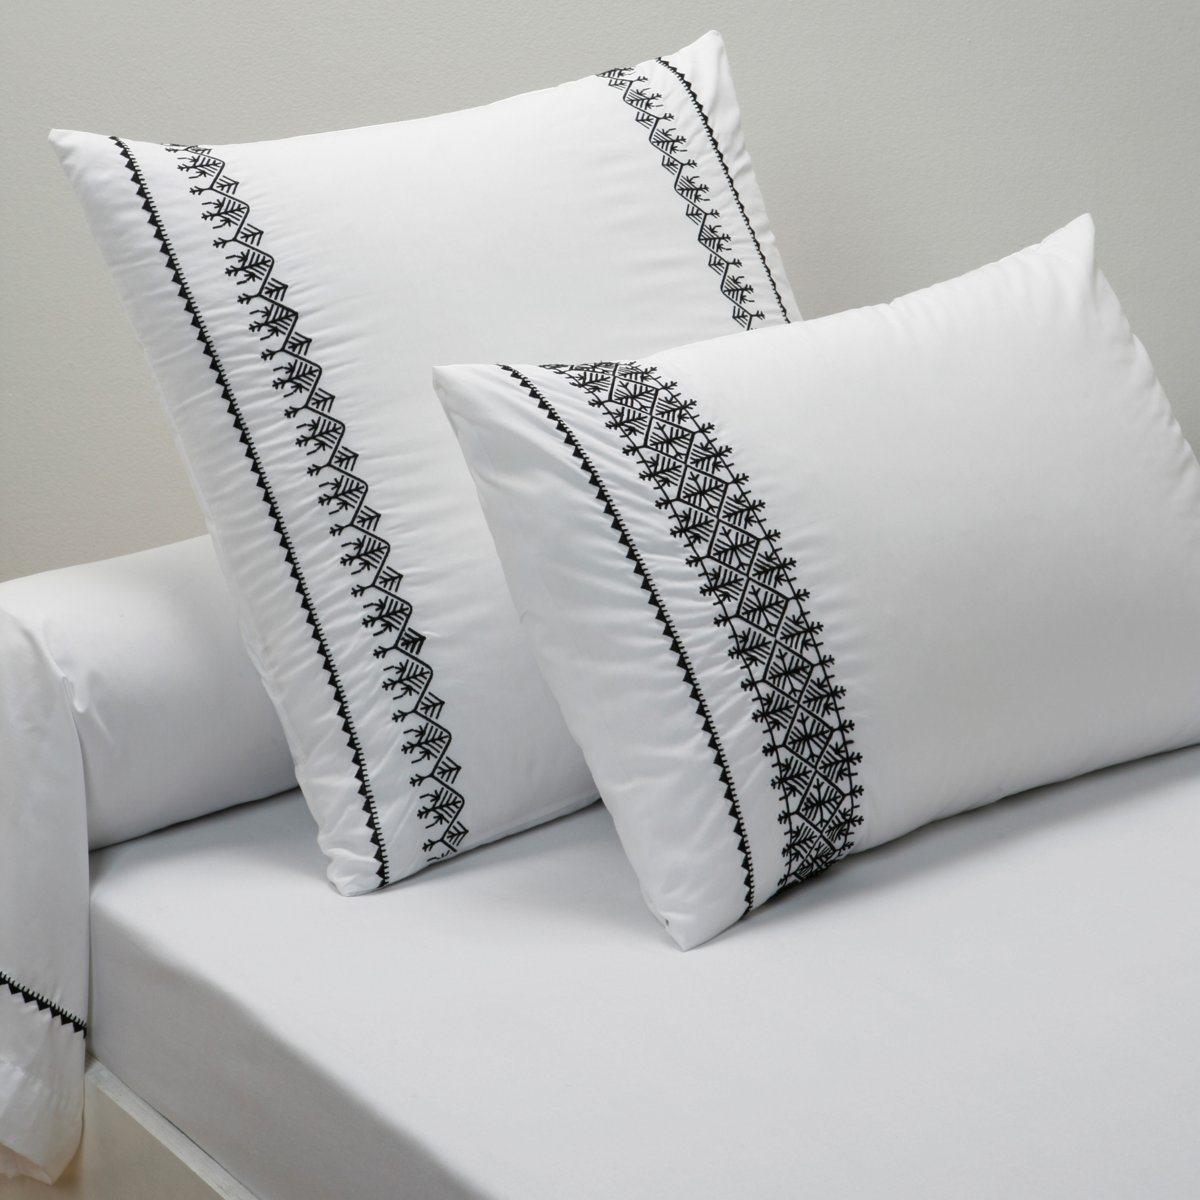 Наволочка ШанезиаКАЧЕСТВО BEST. Мягкая перкаль белого цвета украшена изысканной черной вышивкой. Роскошная перкаль, 100% хлопка (80 нитей/см?). Квадратная: вышивка по бокам. Прямоугольная: вышивка сбоку. На подушку-валик: вышивка по краям. Стирка при 60°. Размеры:  50 x 70 см: прямоуг. 63 x 63 см: квадрат. 85 x 185 см: валик.<br><br>Цвет: белый